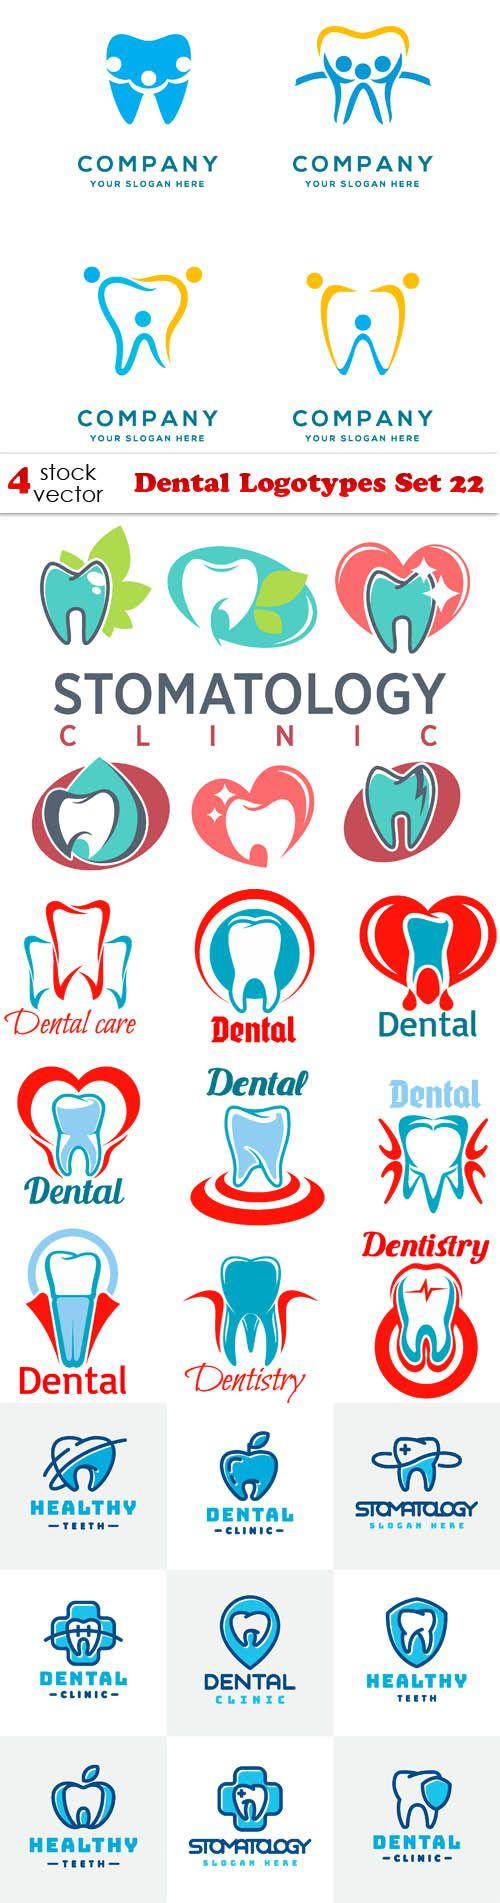 Vectors - Dental Logotypes Set 22